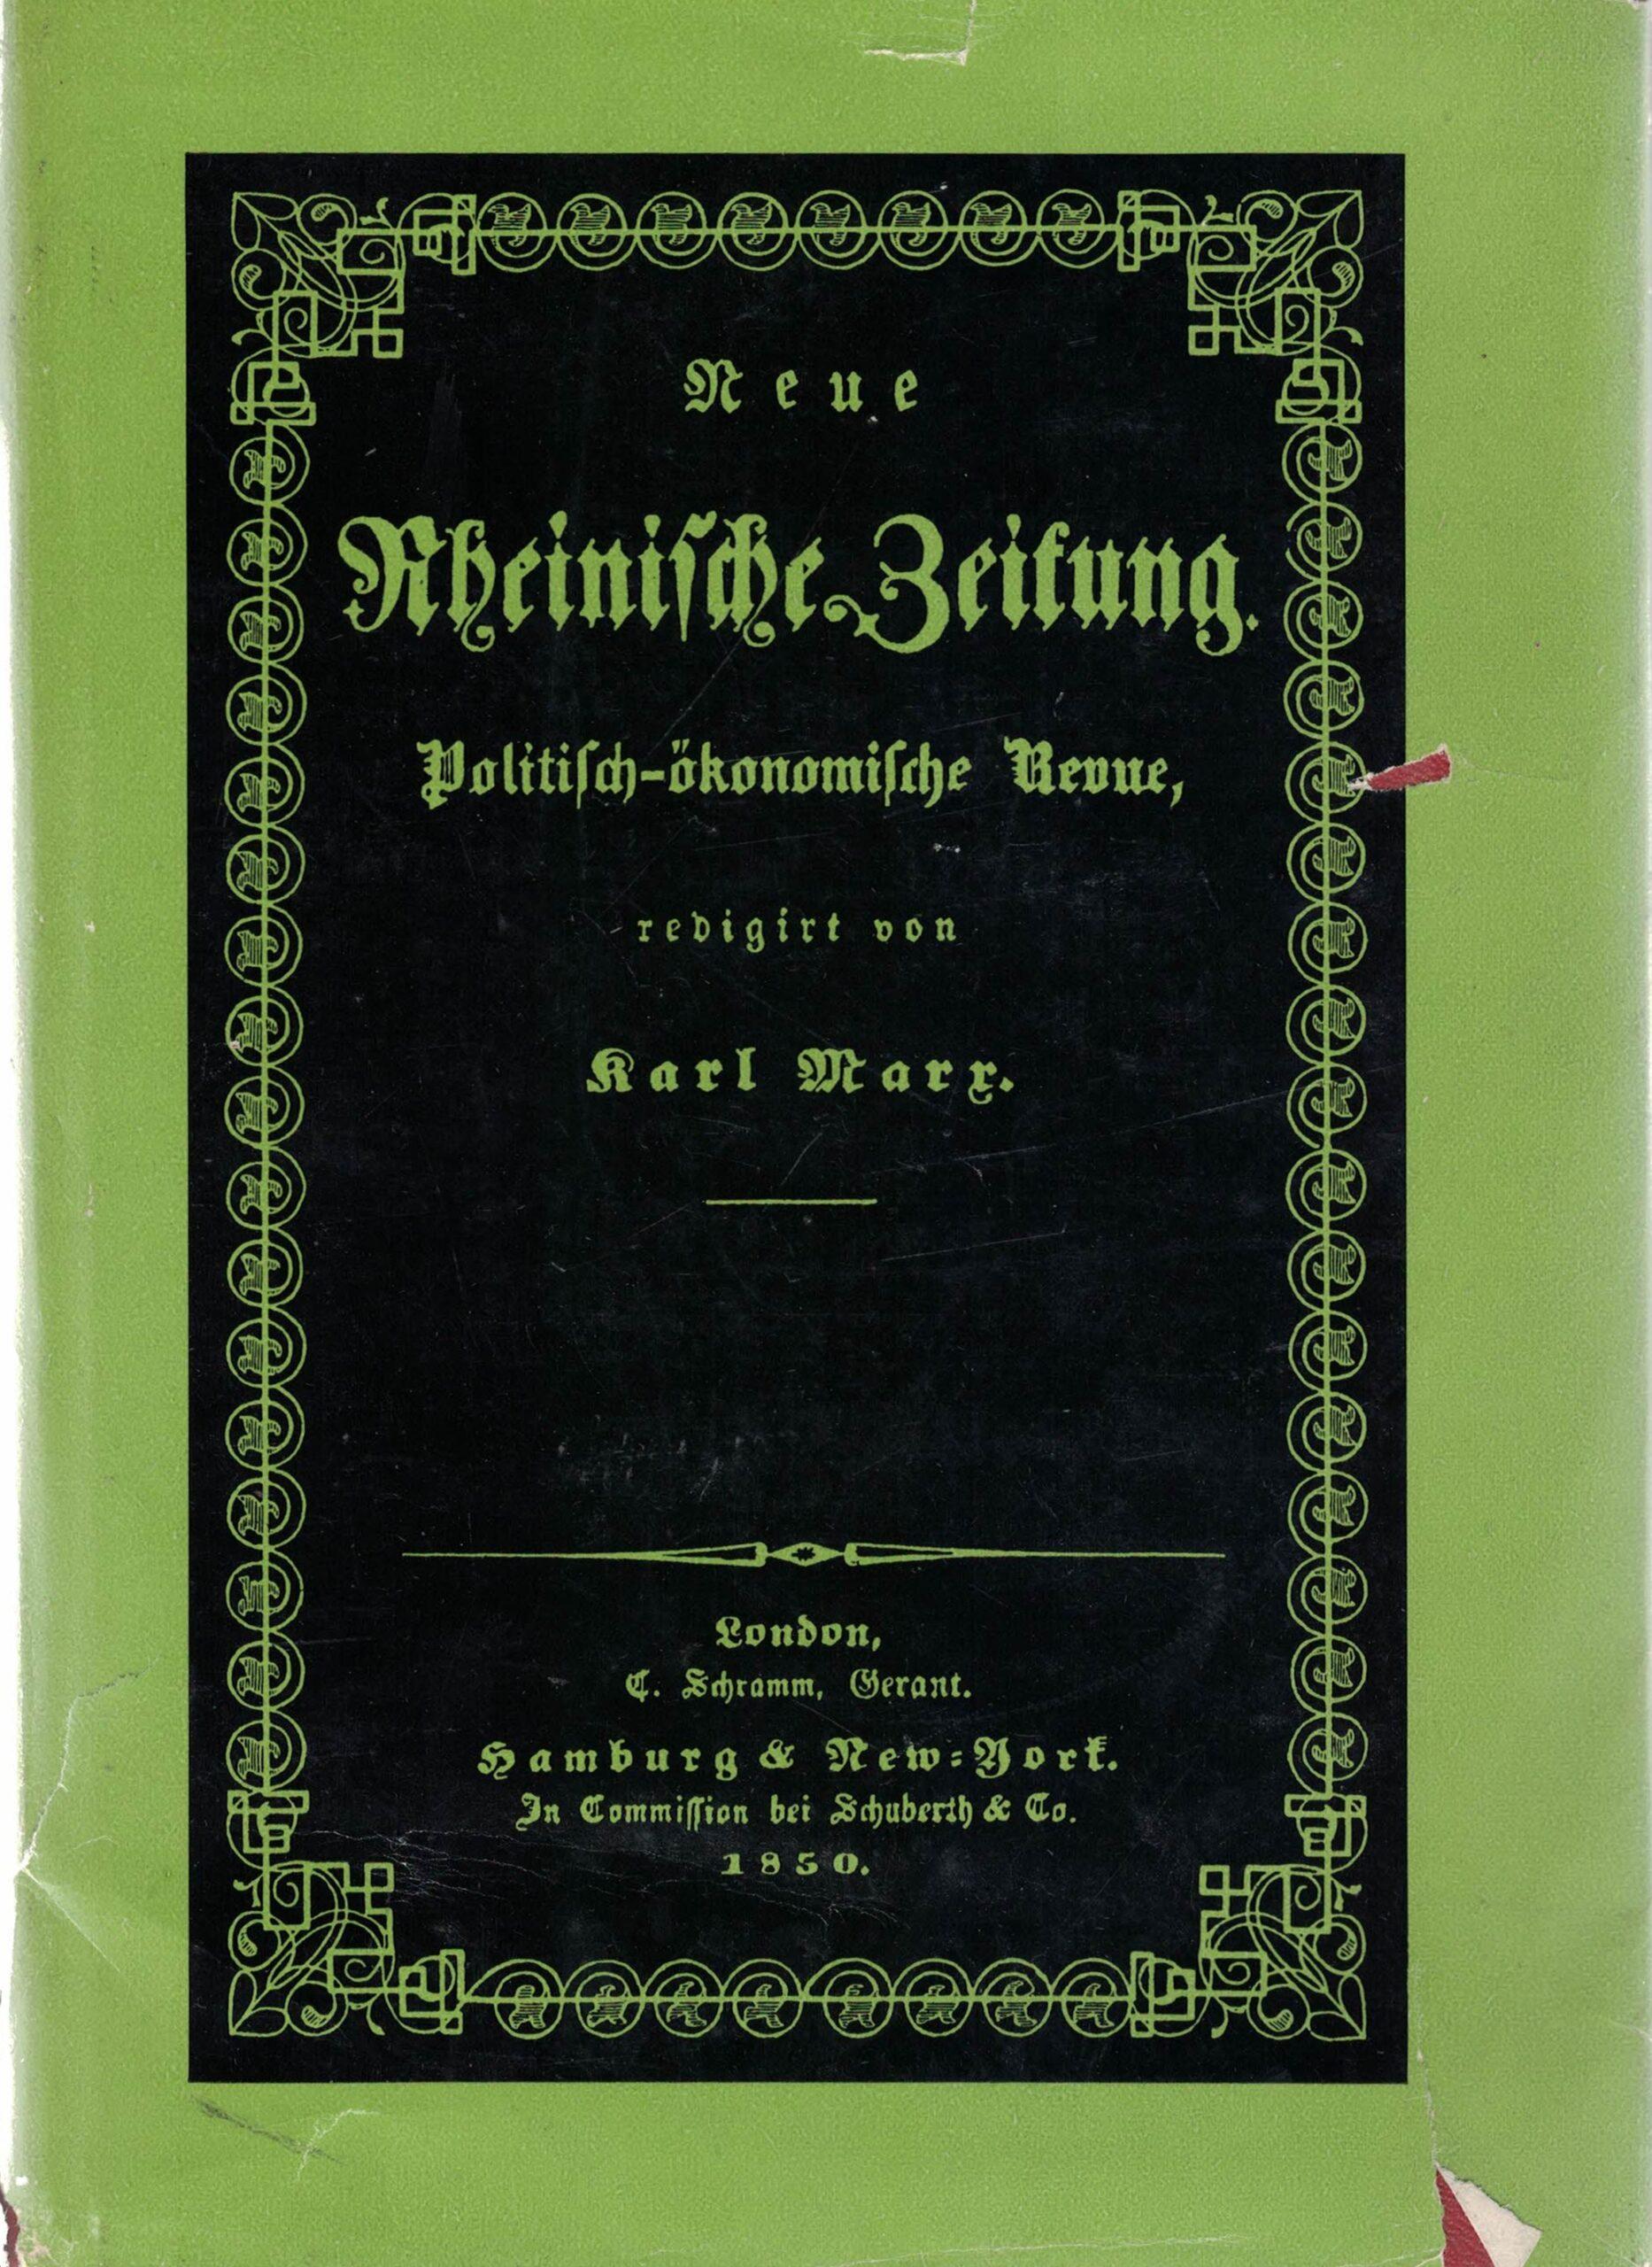 Neue Rheinische Zeitung - Politisch-ökonomische Revue, redigiert von Karl Marx.